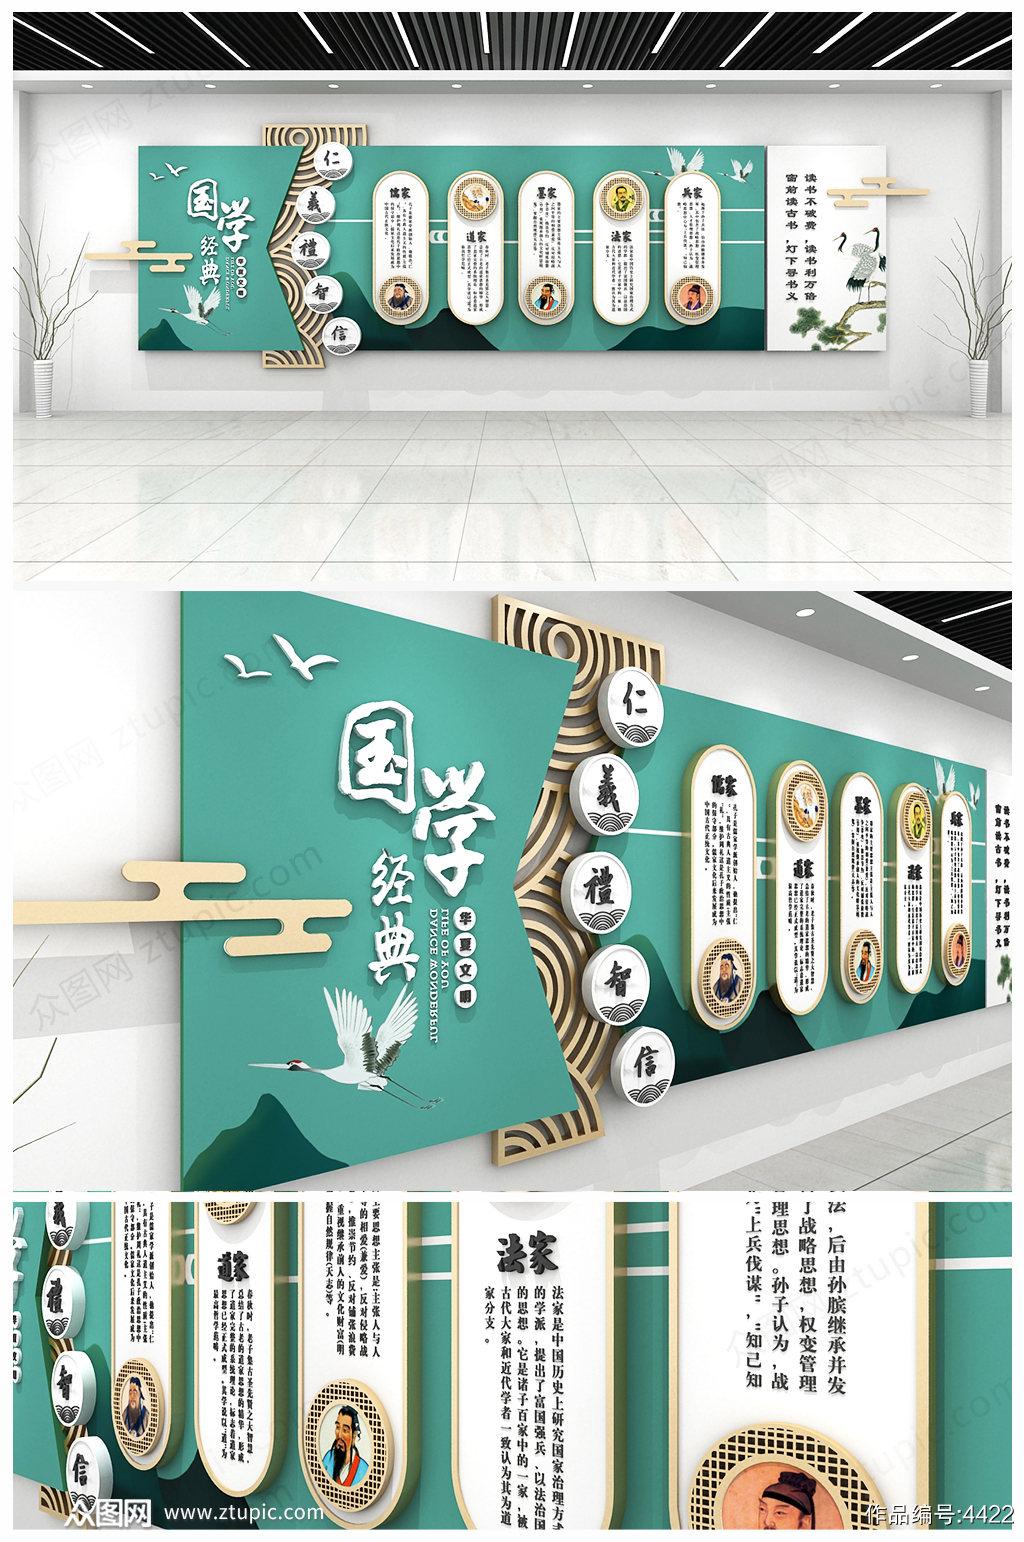 中式国学图书室班级和谐校园 班级校园文化墙名人墙素材